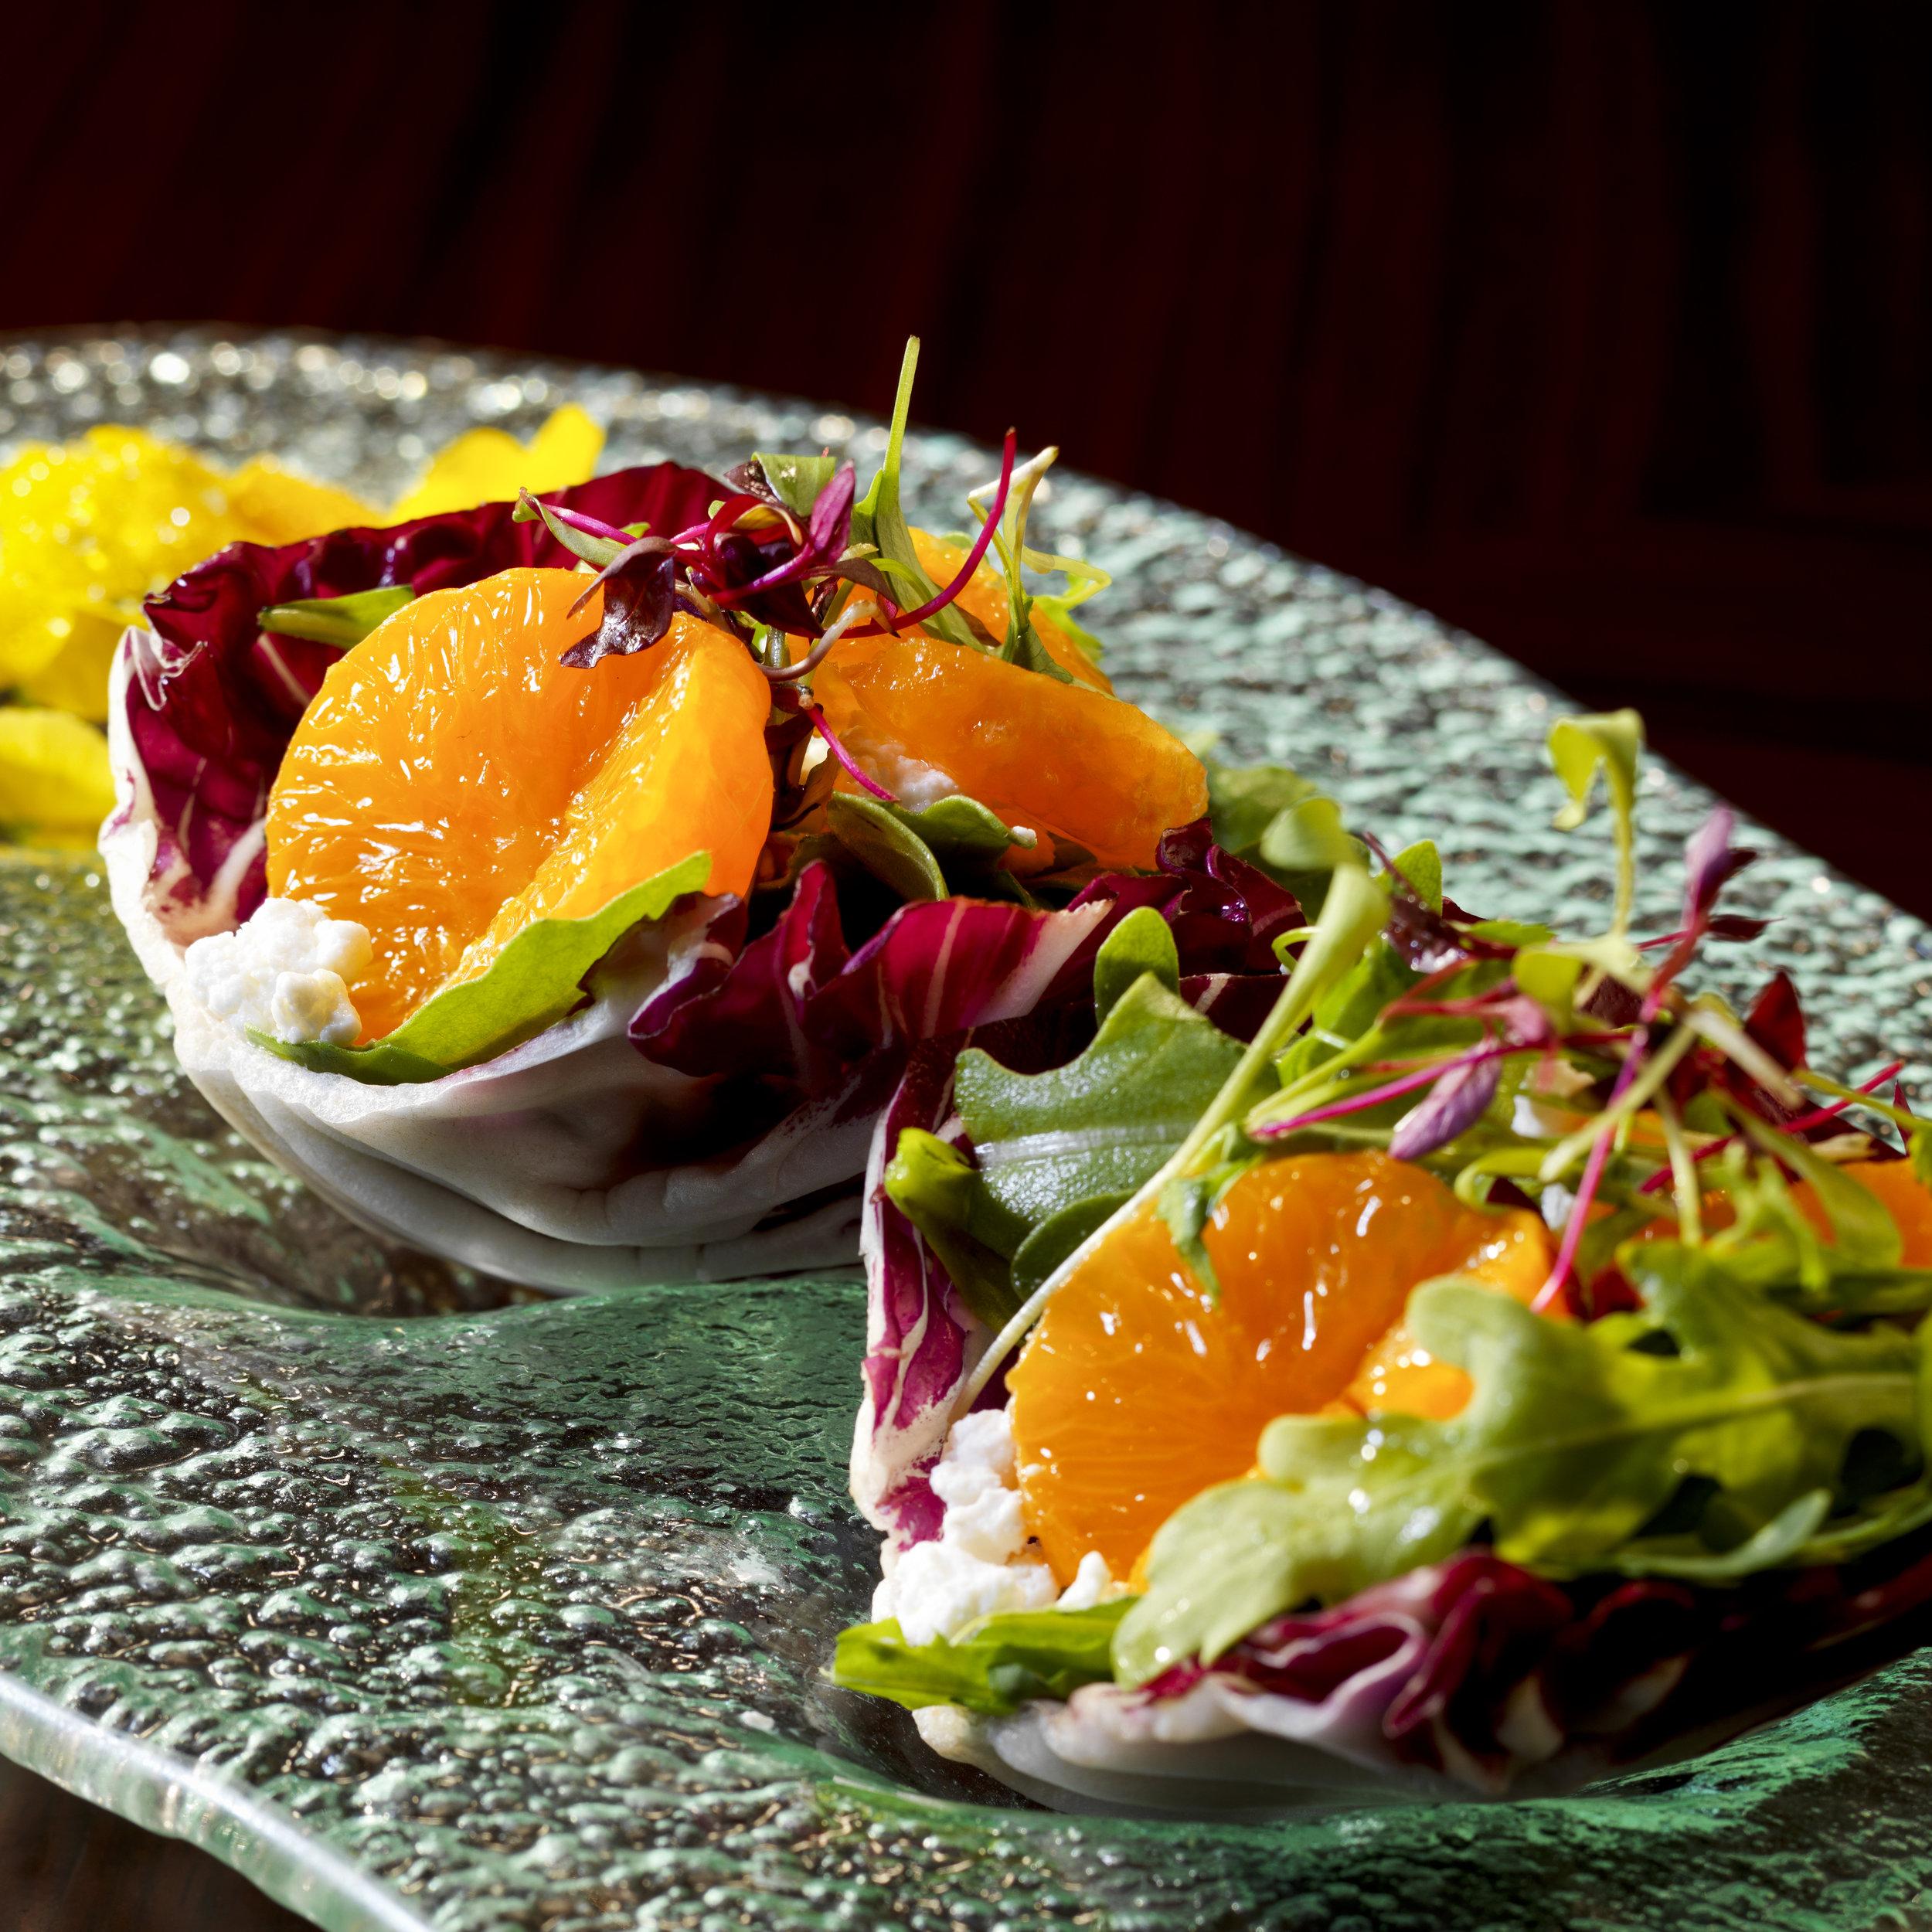 Amaya - Mandarin & Goats Cheese Salad RB 0143-2.jpg